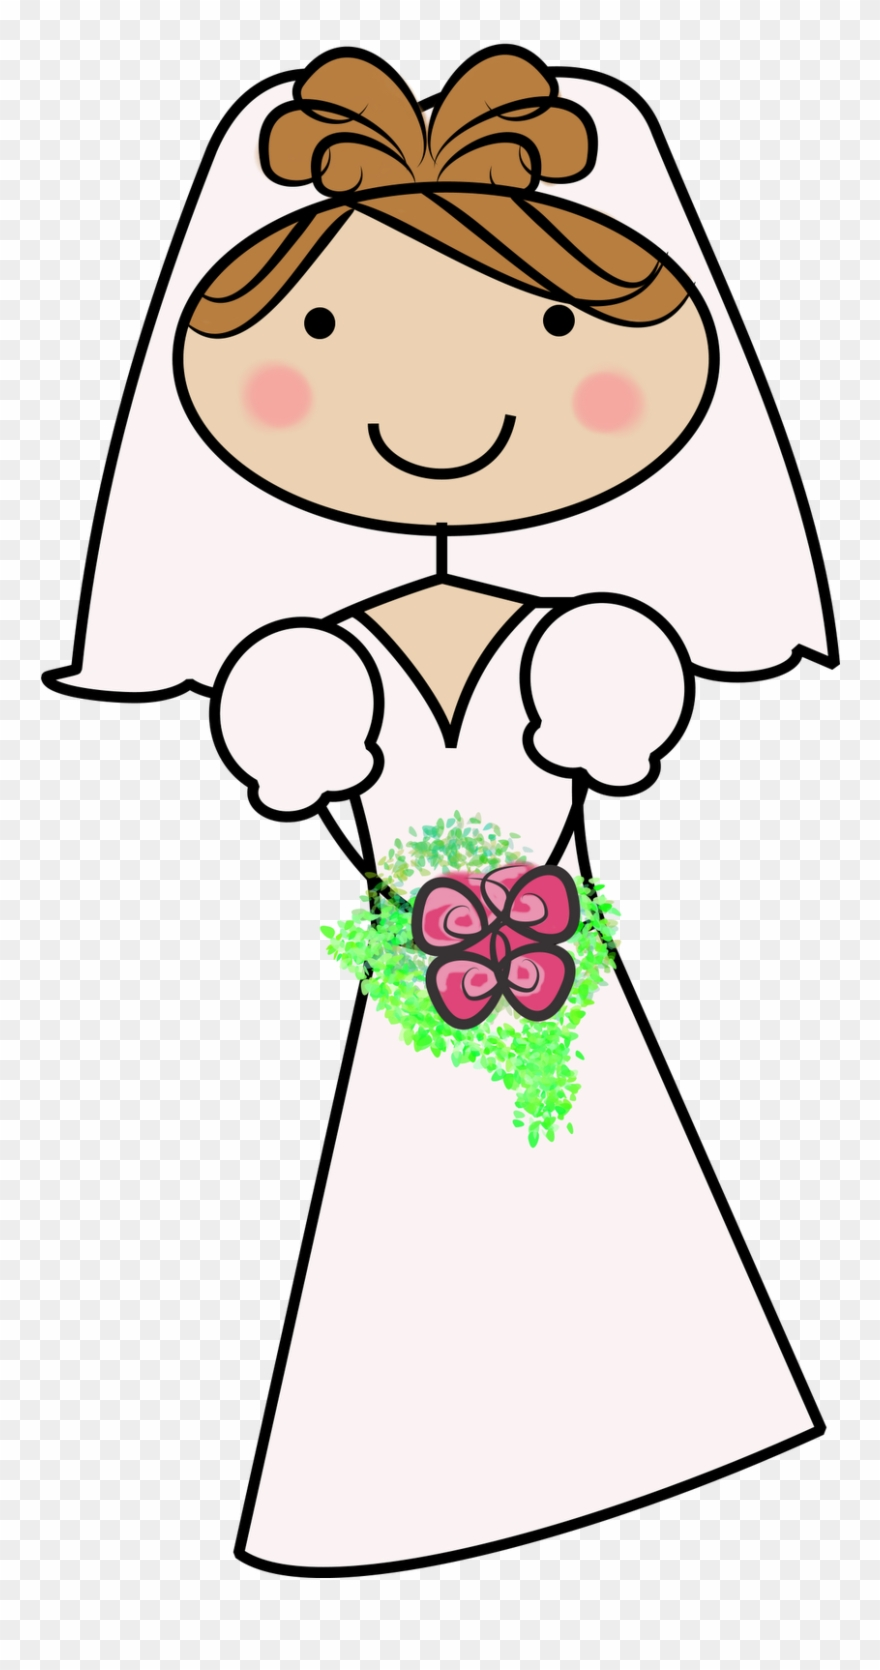 bride # 4963755